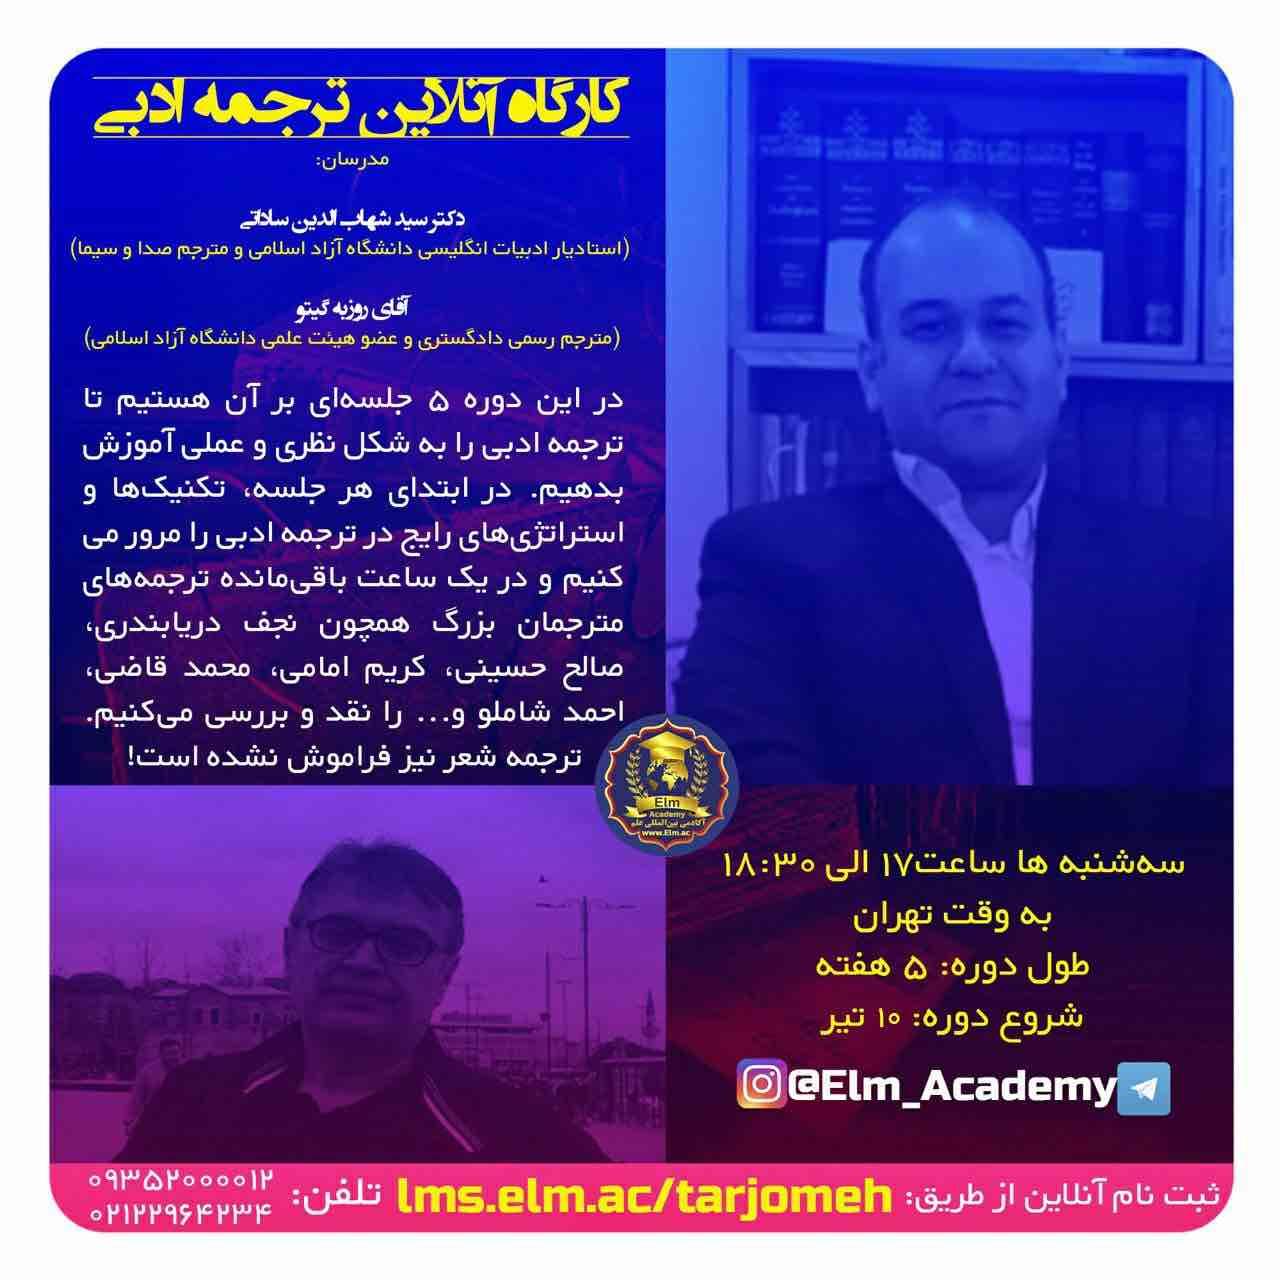 کارگاه آنلاین ترجمه ادبی